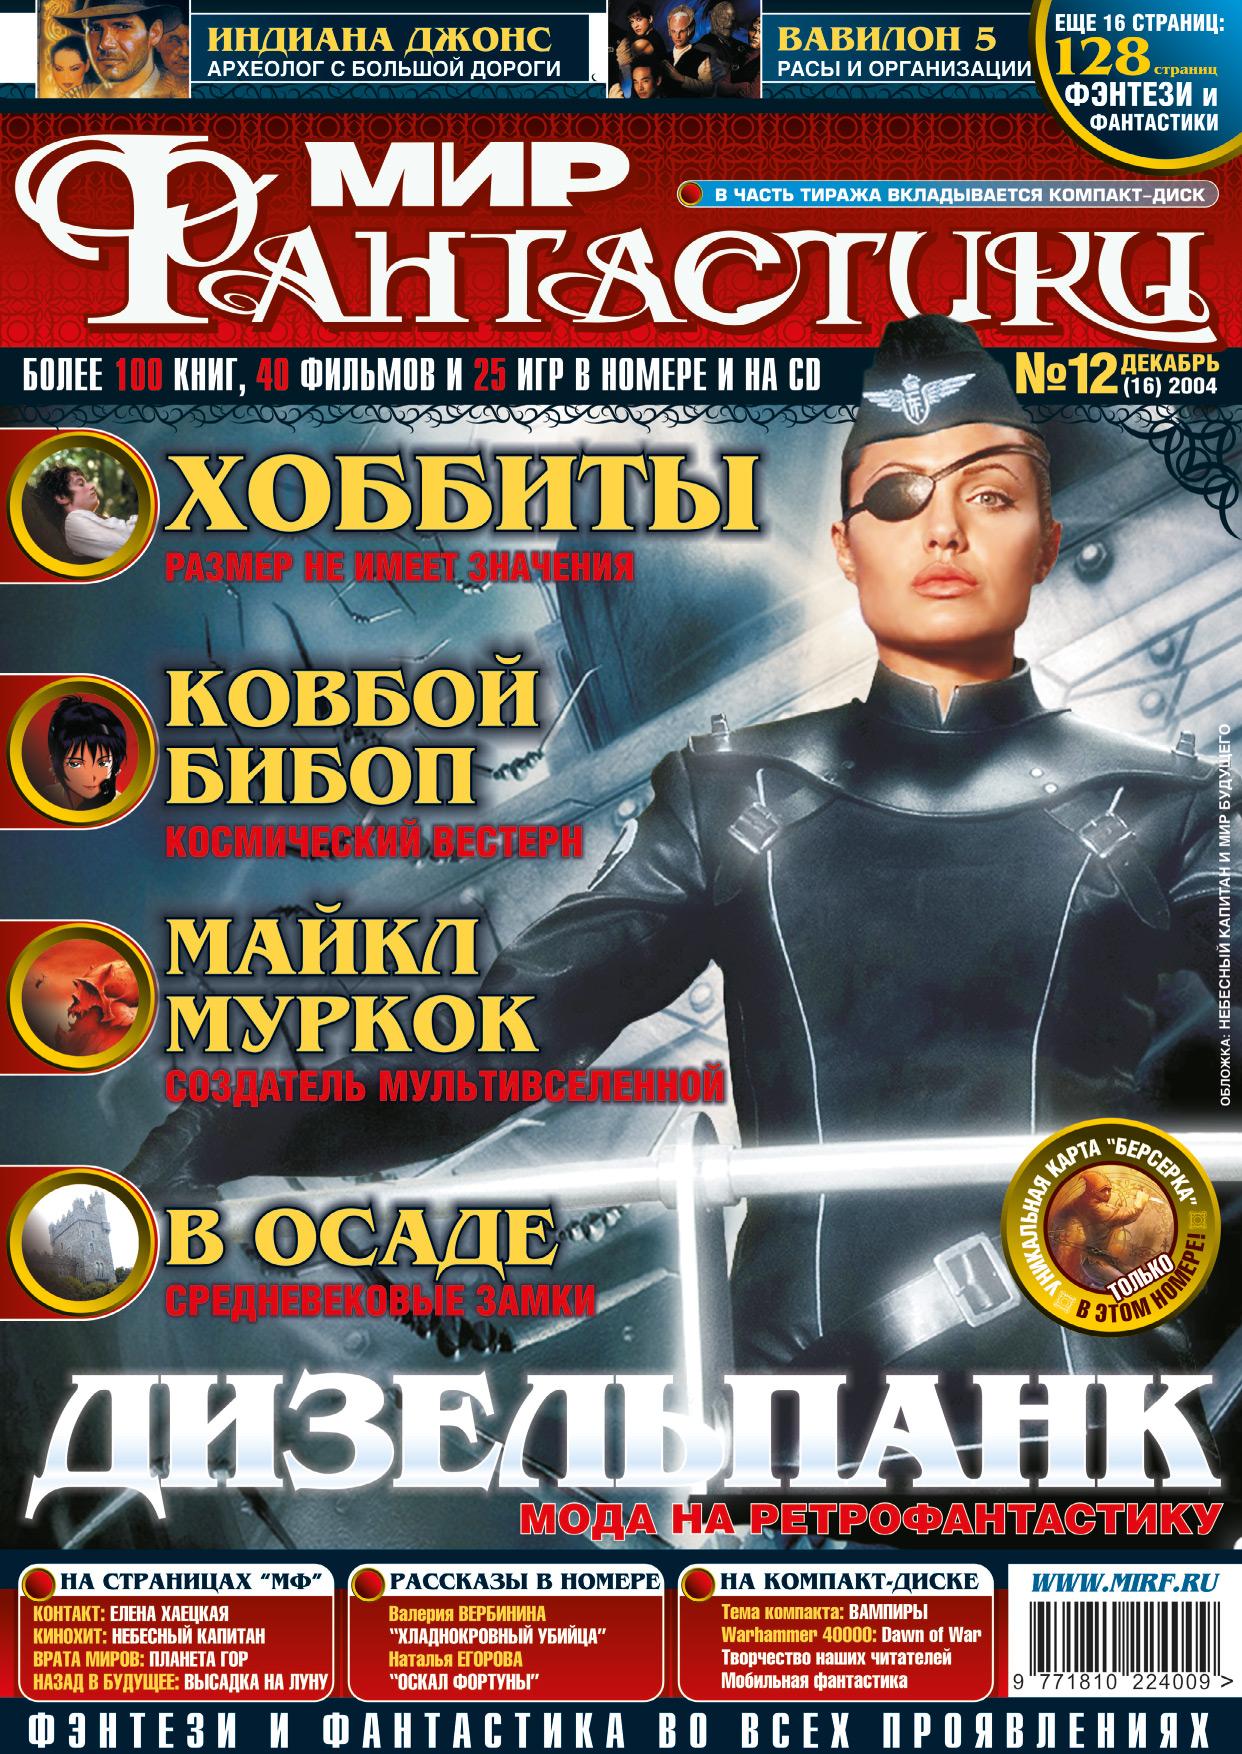 Архив номеров журнала «Мир фантастики» 12